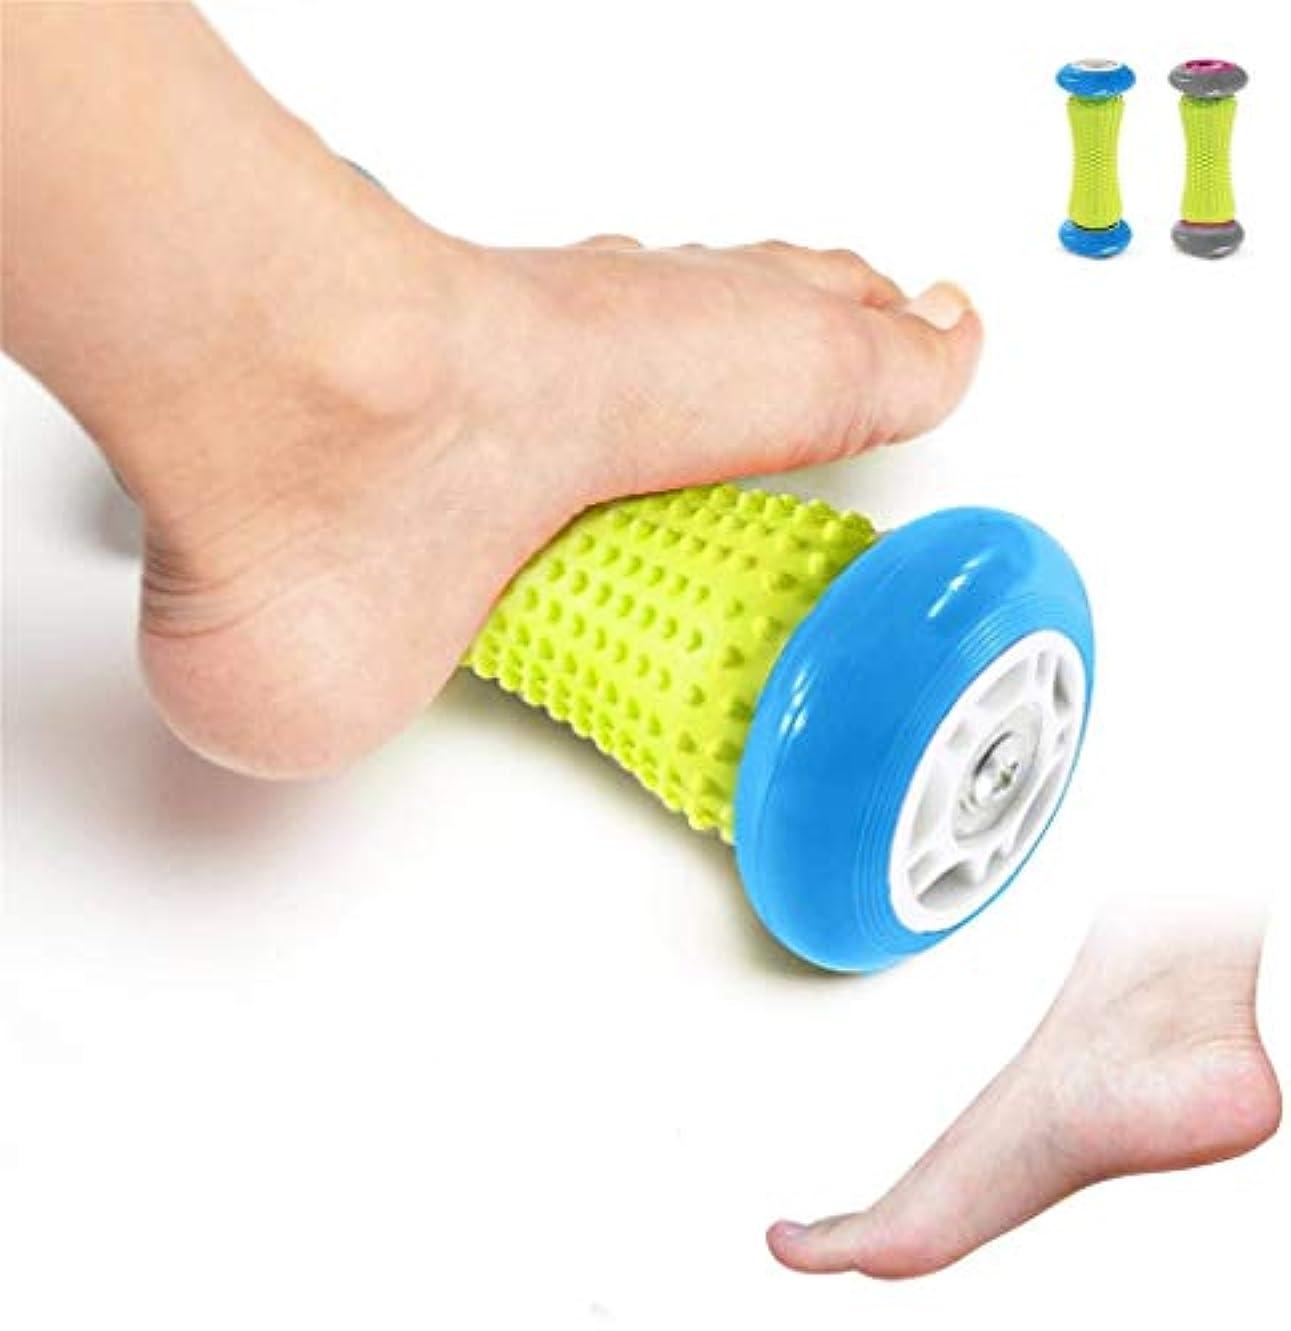 苦味アラバマアラバマフットマッサージローラー - 筋肉ローラースティック - 足底筋膜炎のための手首と前腕運動ローラー (Color : 青)